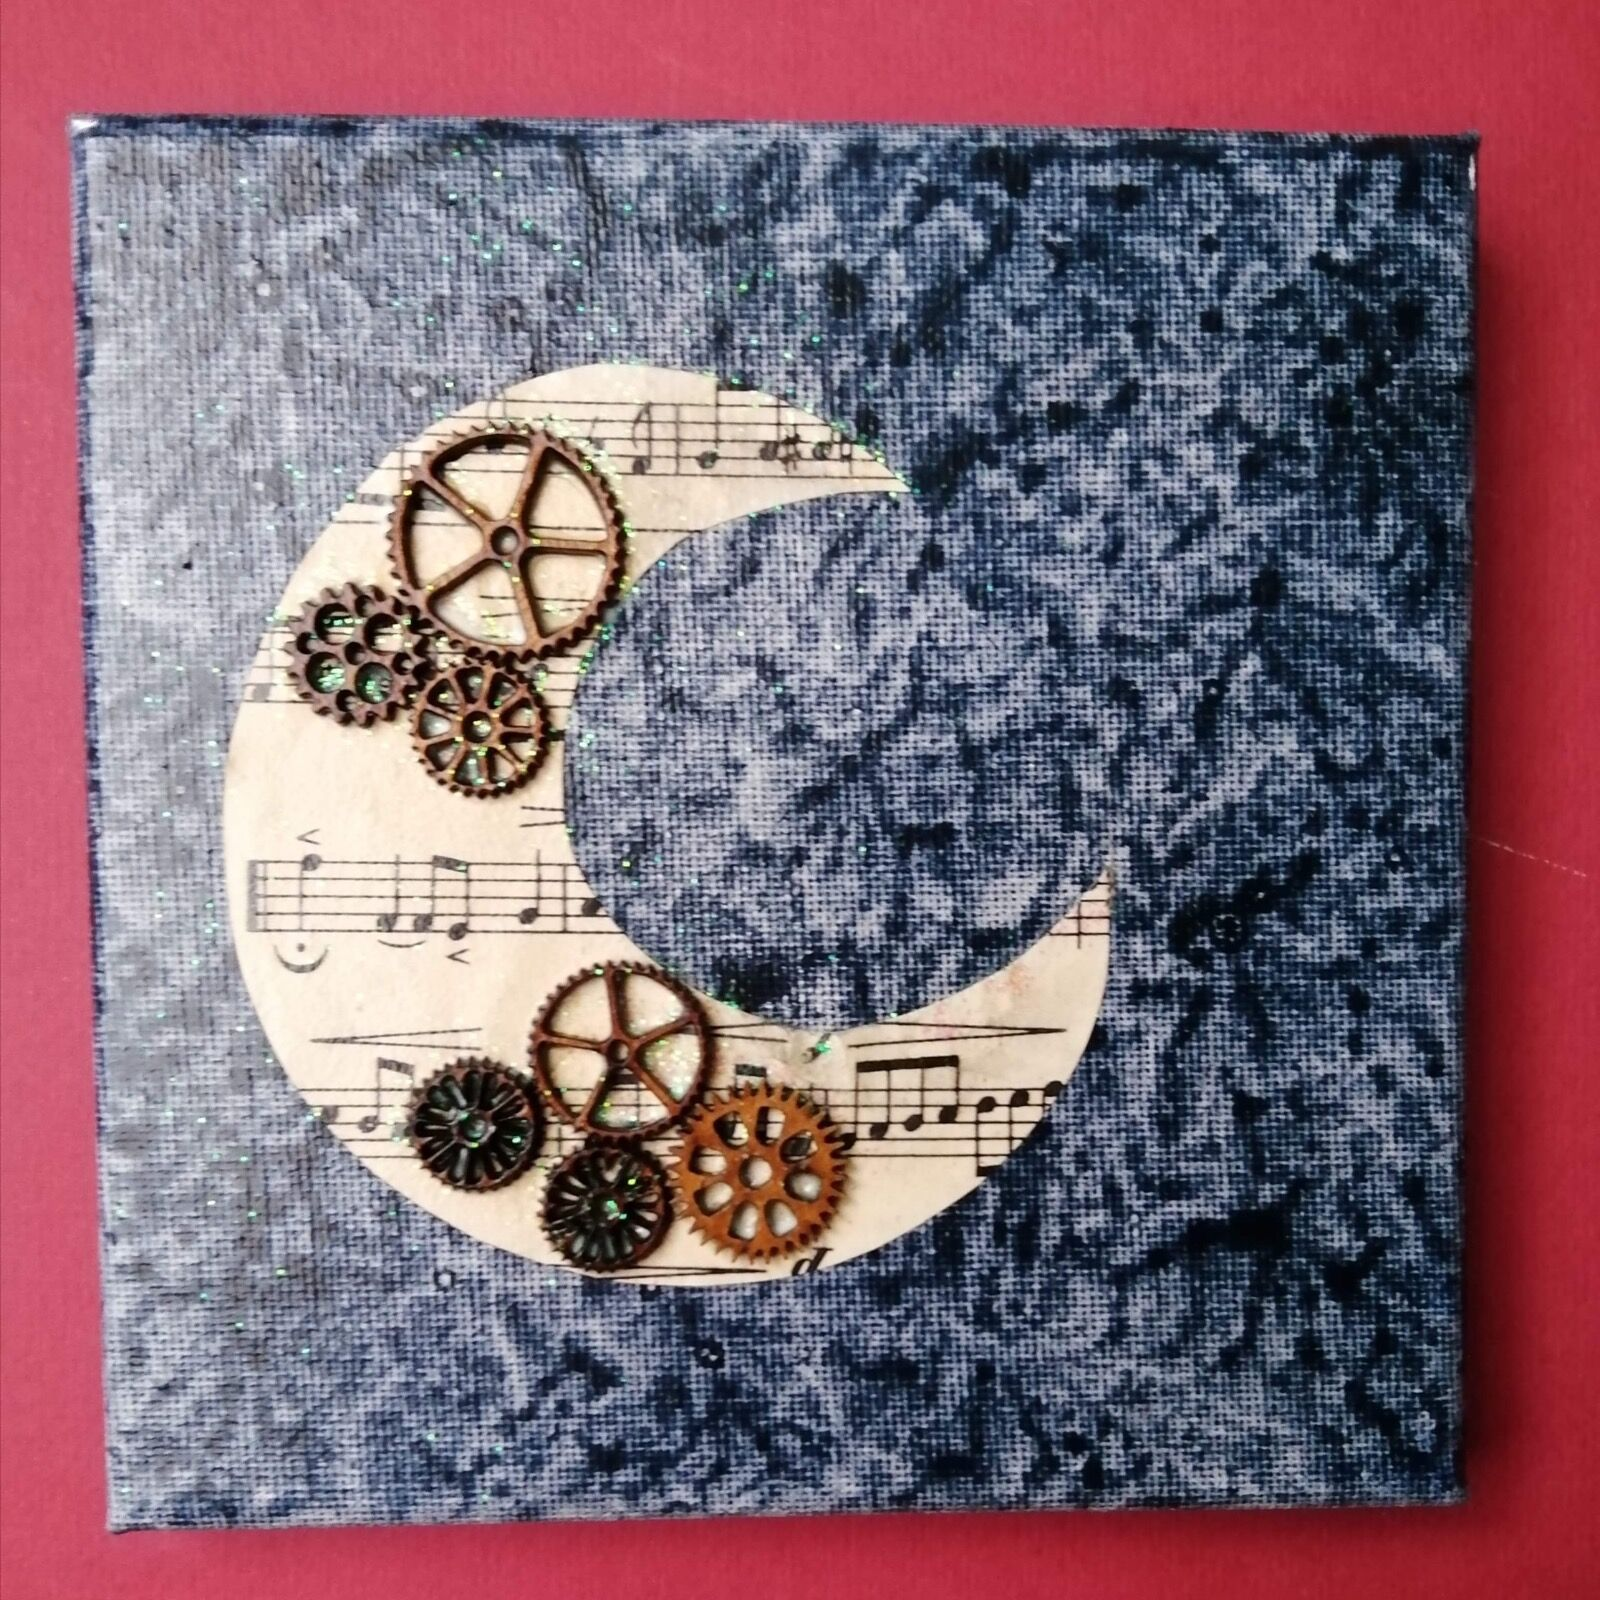 Clockwork Moon #2